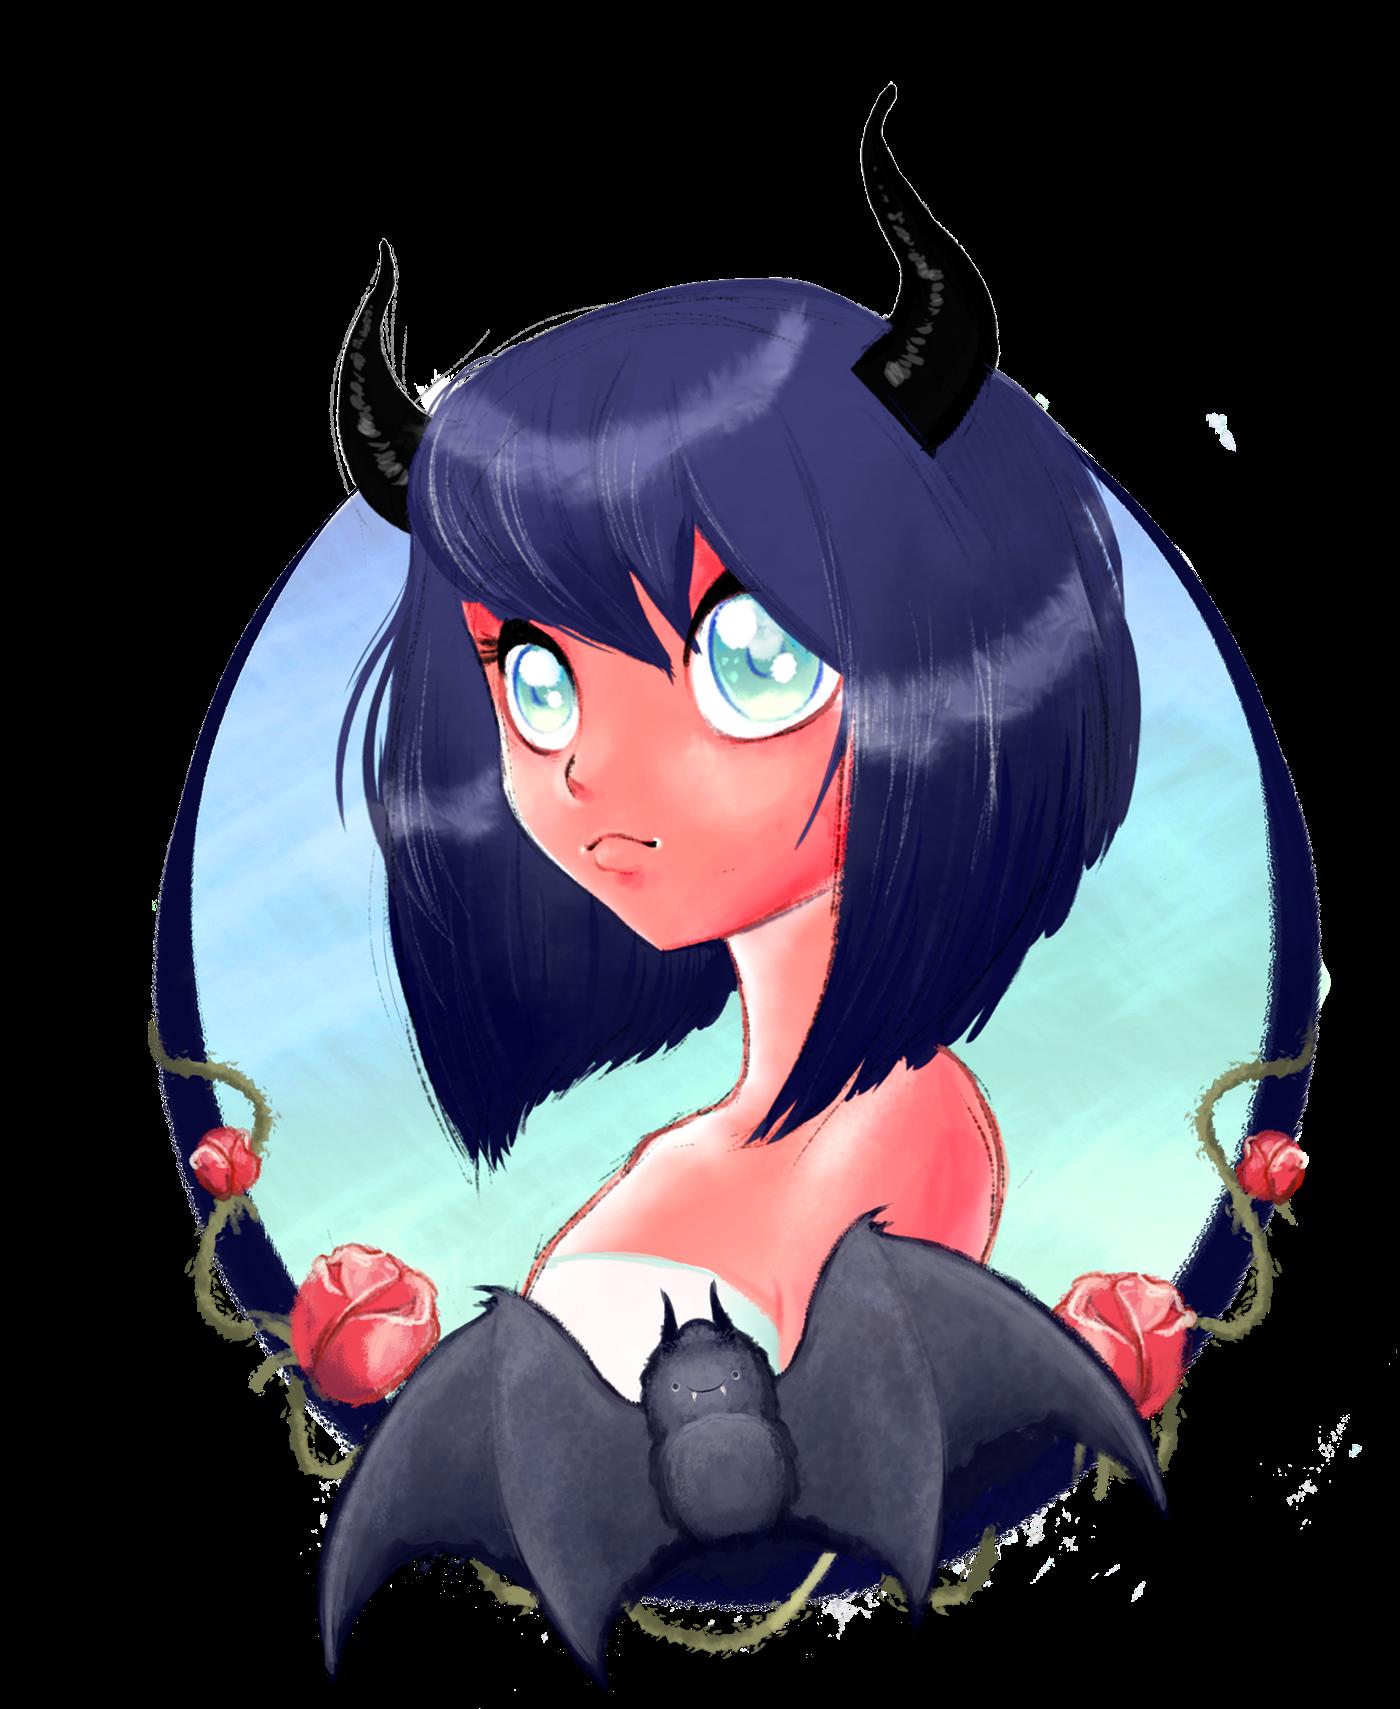 Anime Demon girl on Behance